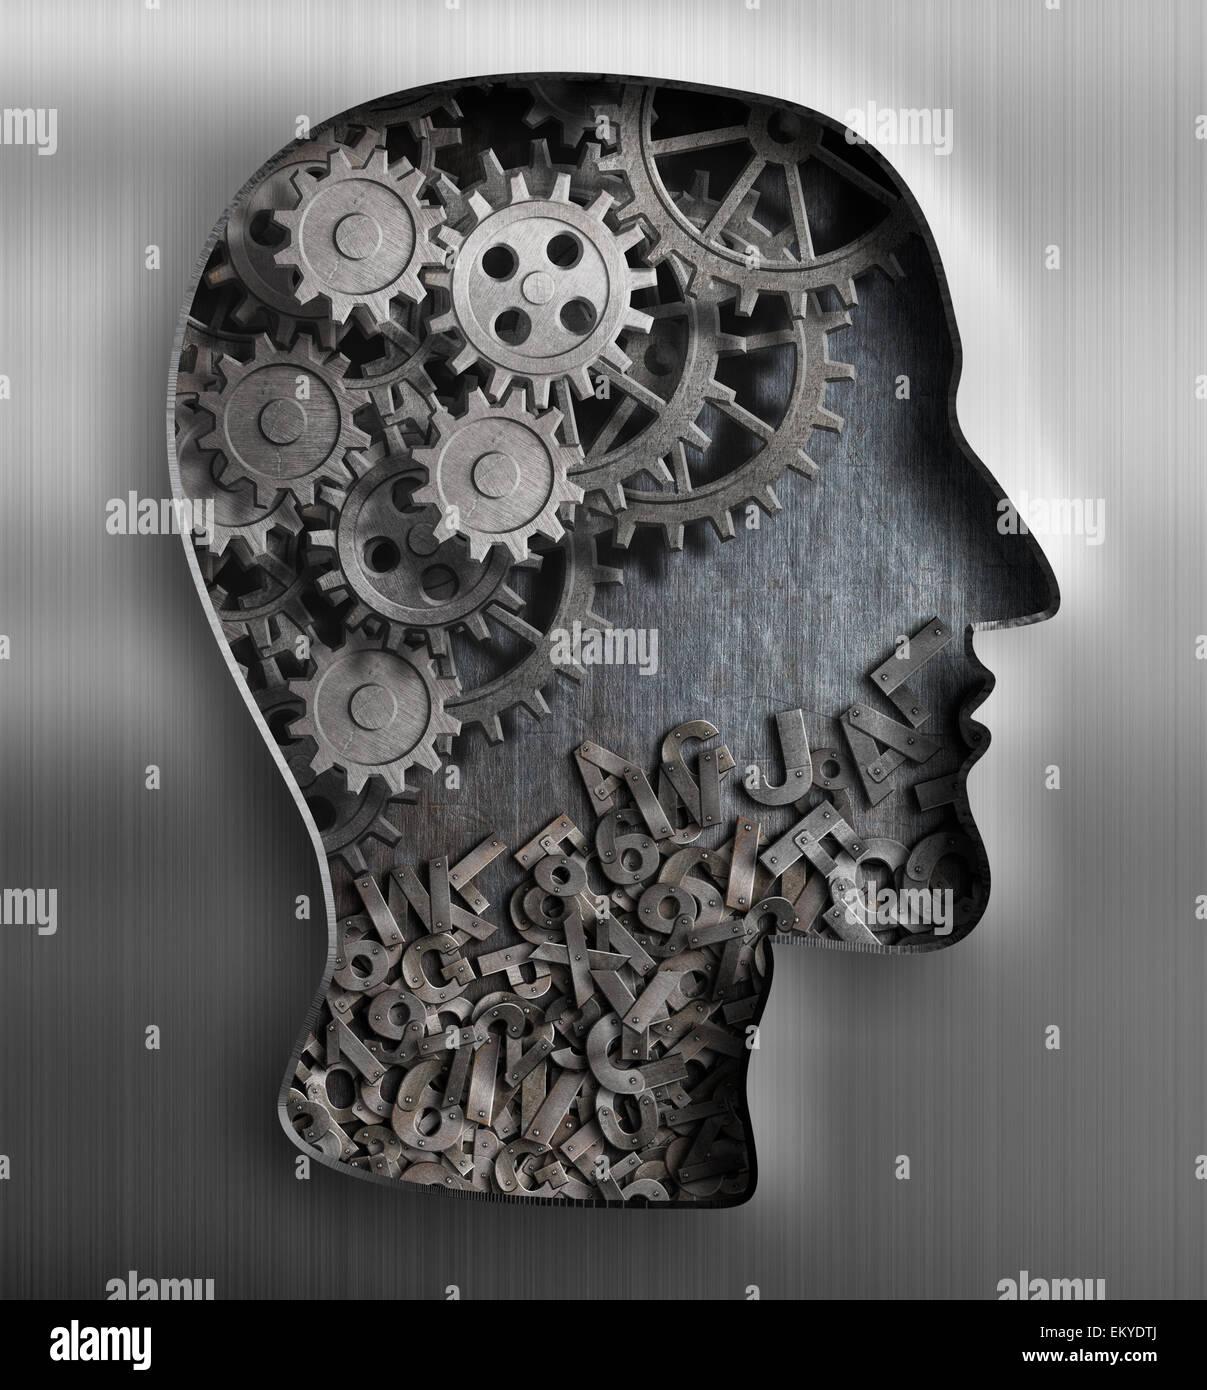 Cerebro de metal. El pensamiento, la psicología, la creatividad, el concepto de idioma. Imagen De Stock